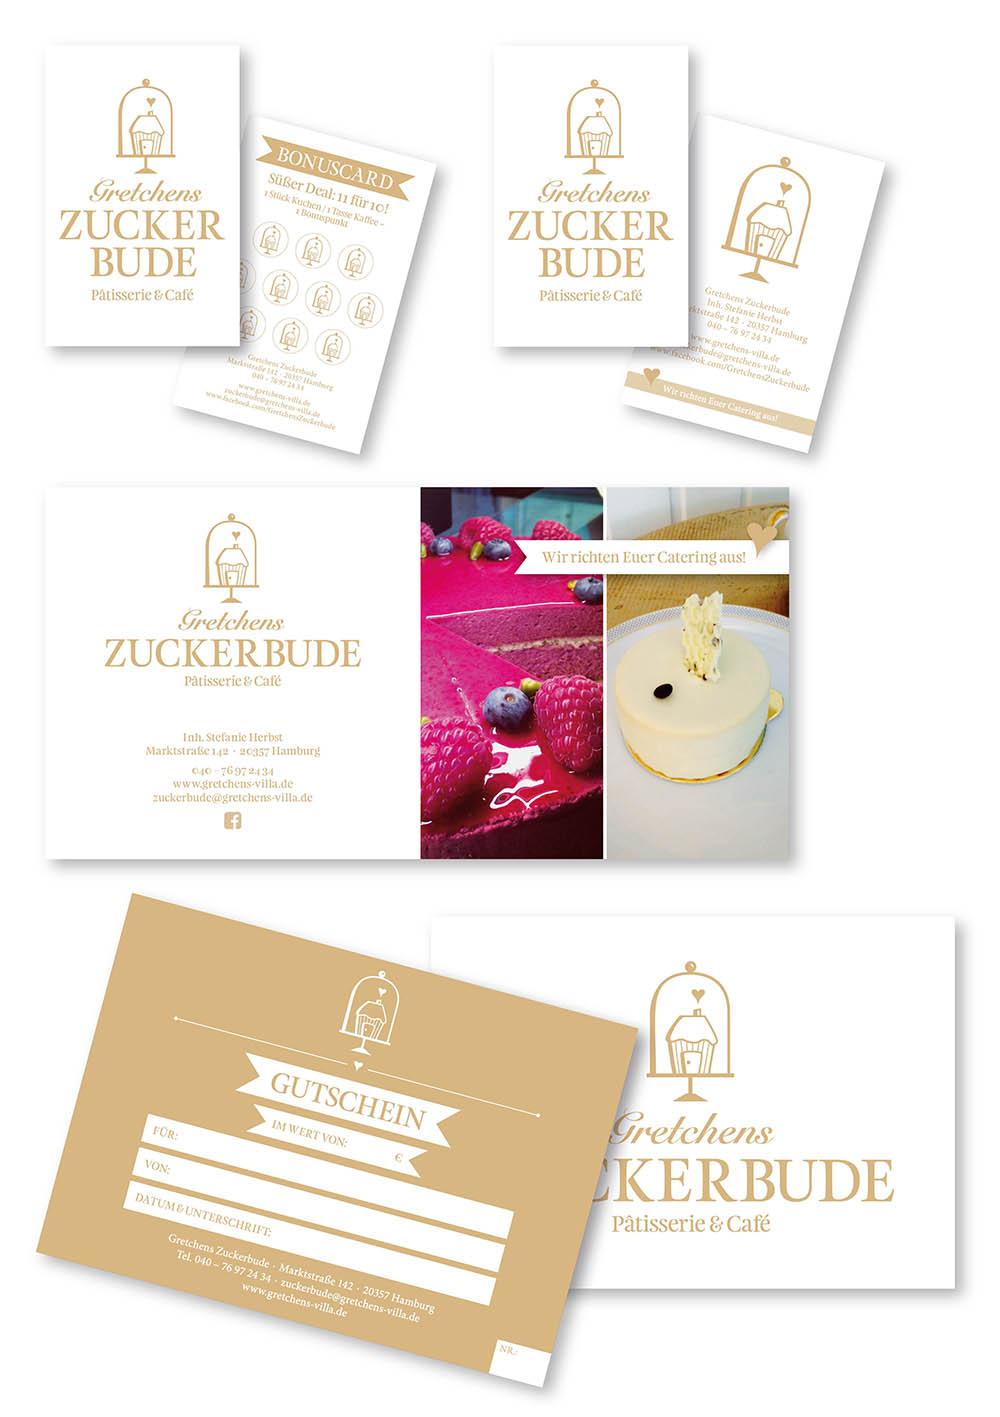 Gretchens Zuckerbude Gestaltung Layout Stempel Flyer Gutscheinkarten